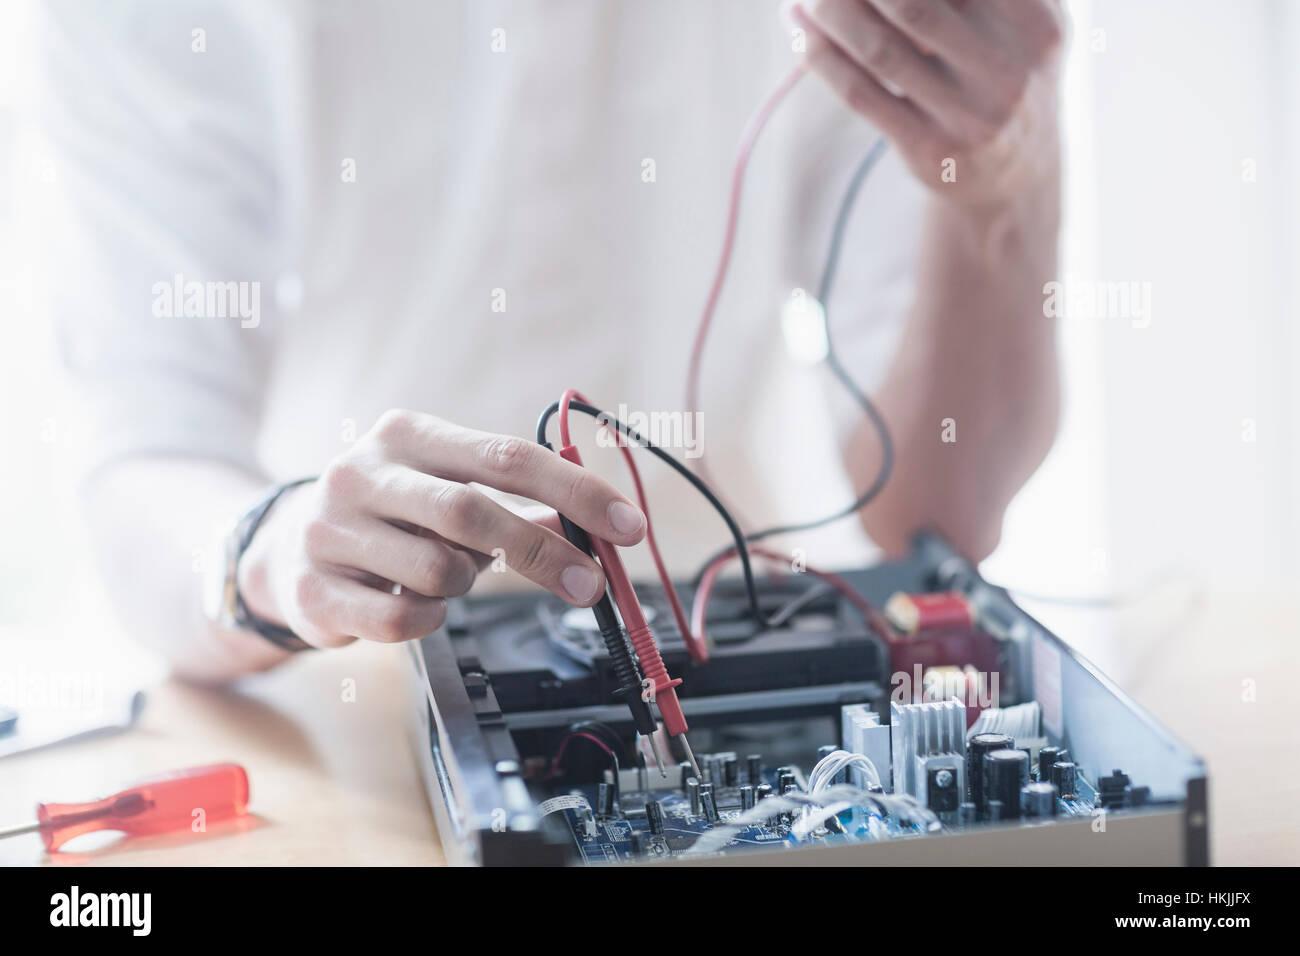 Engineer repairing CD player in workshop, Freiburg Im Breisgau, Baden-Württemberg, Germany - Stock Image